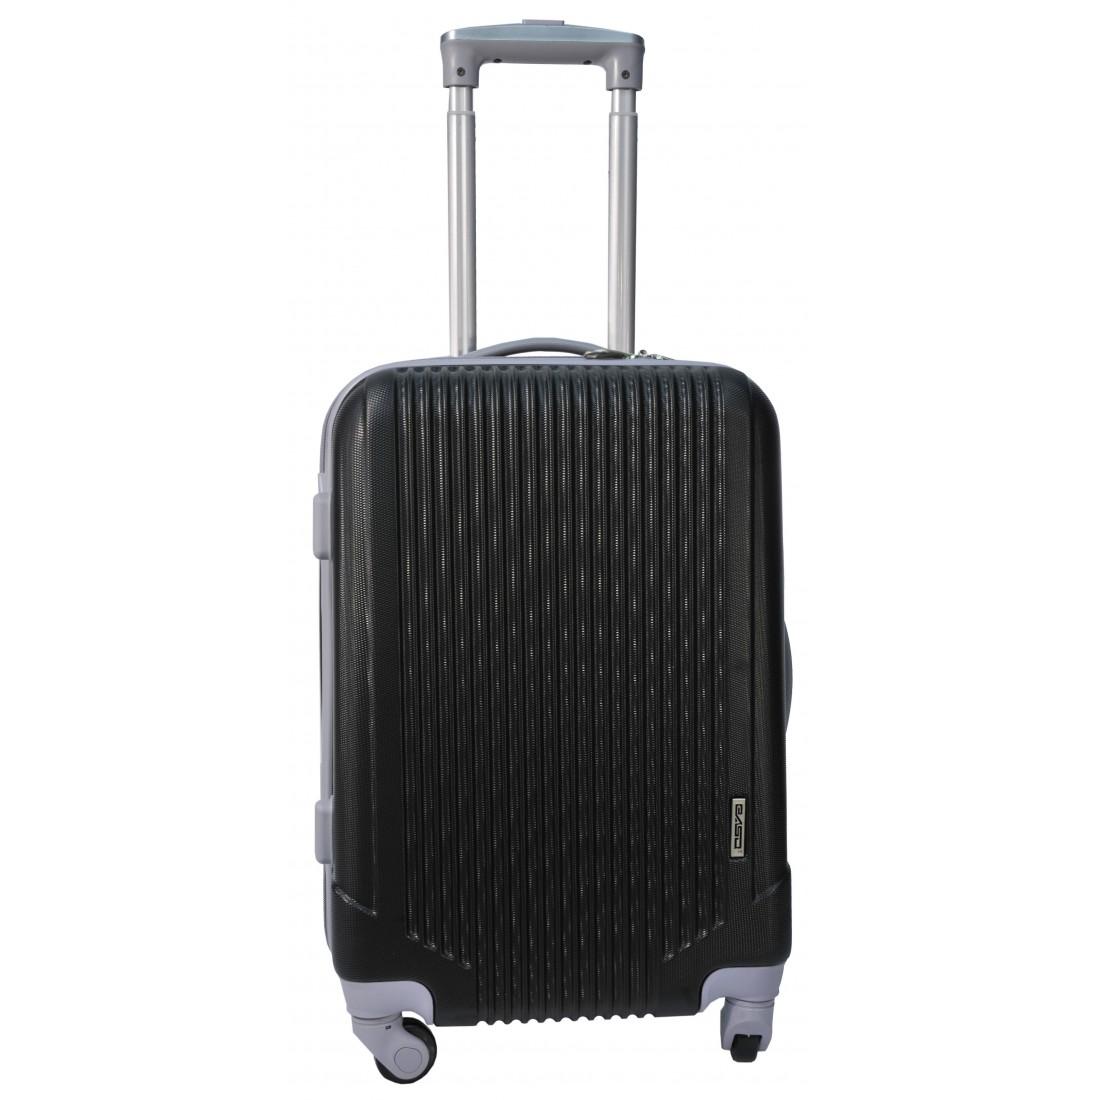 Walizka mała czarna ABS - plecak-tornister.pl